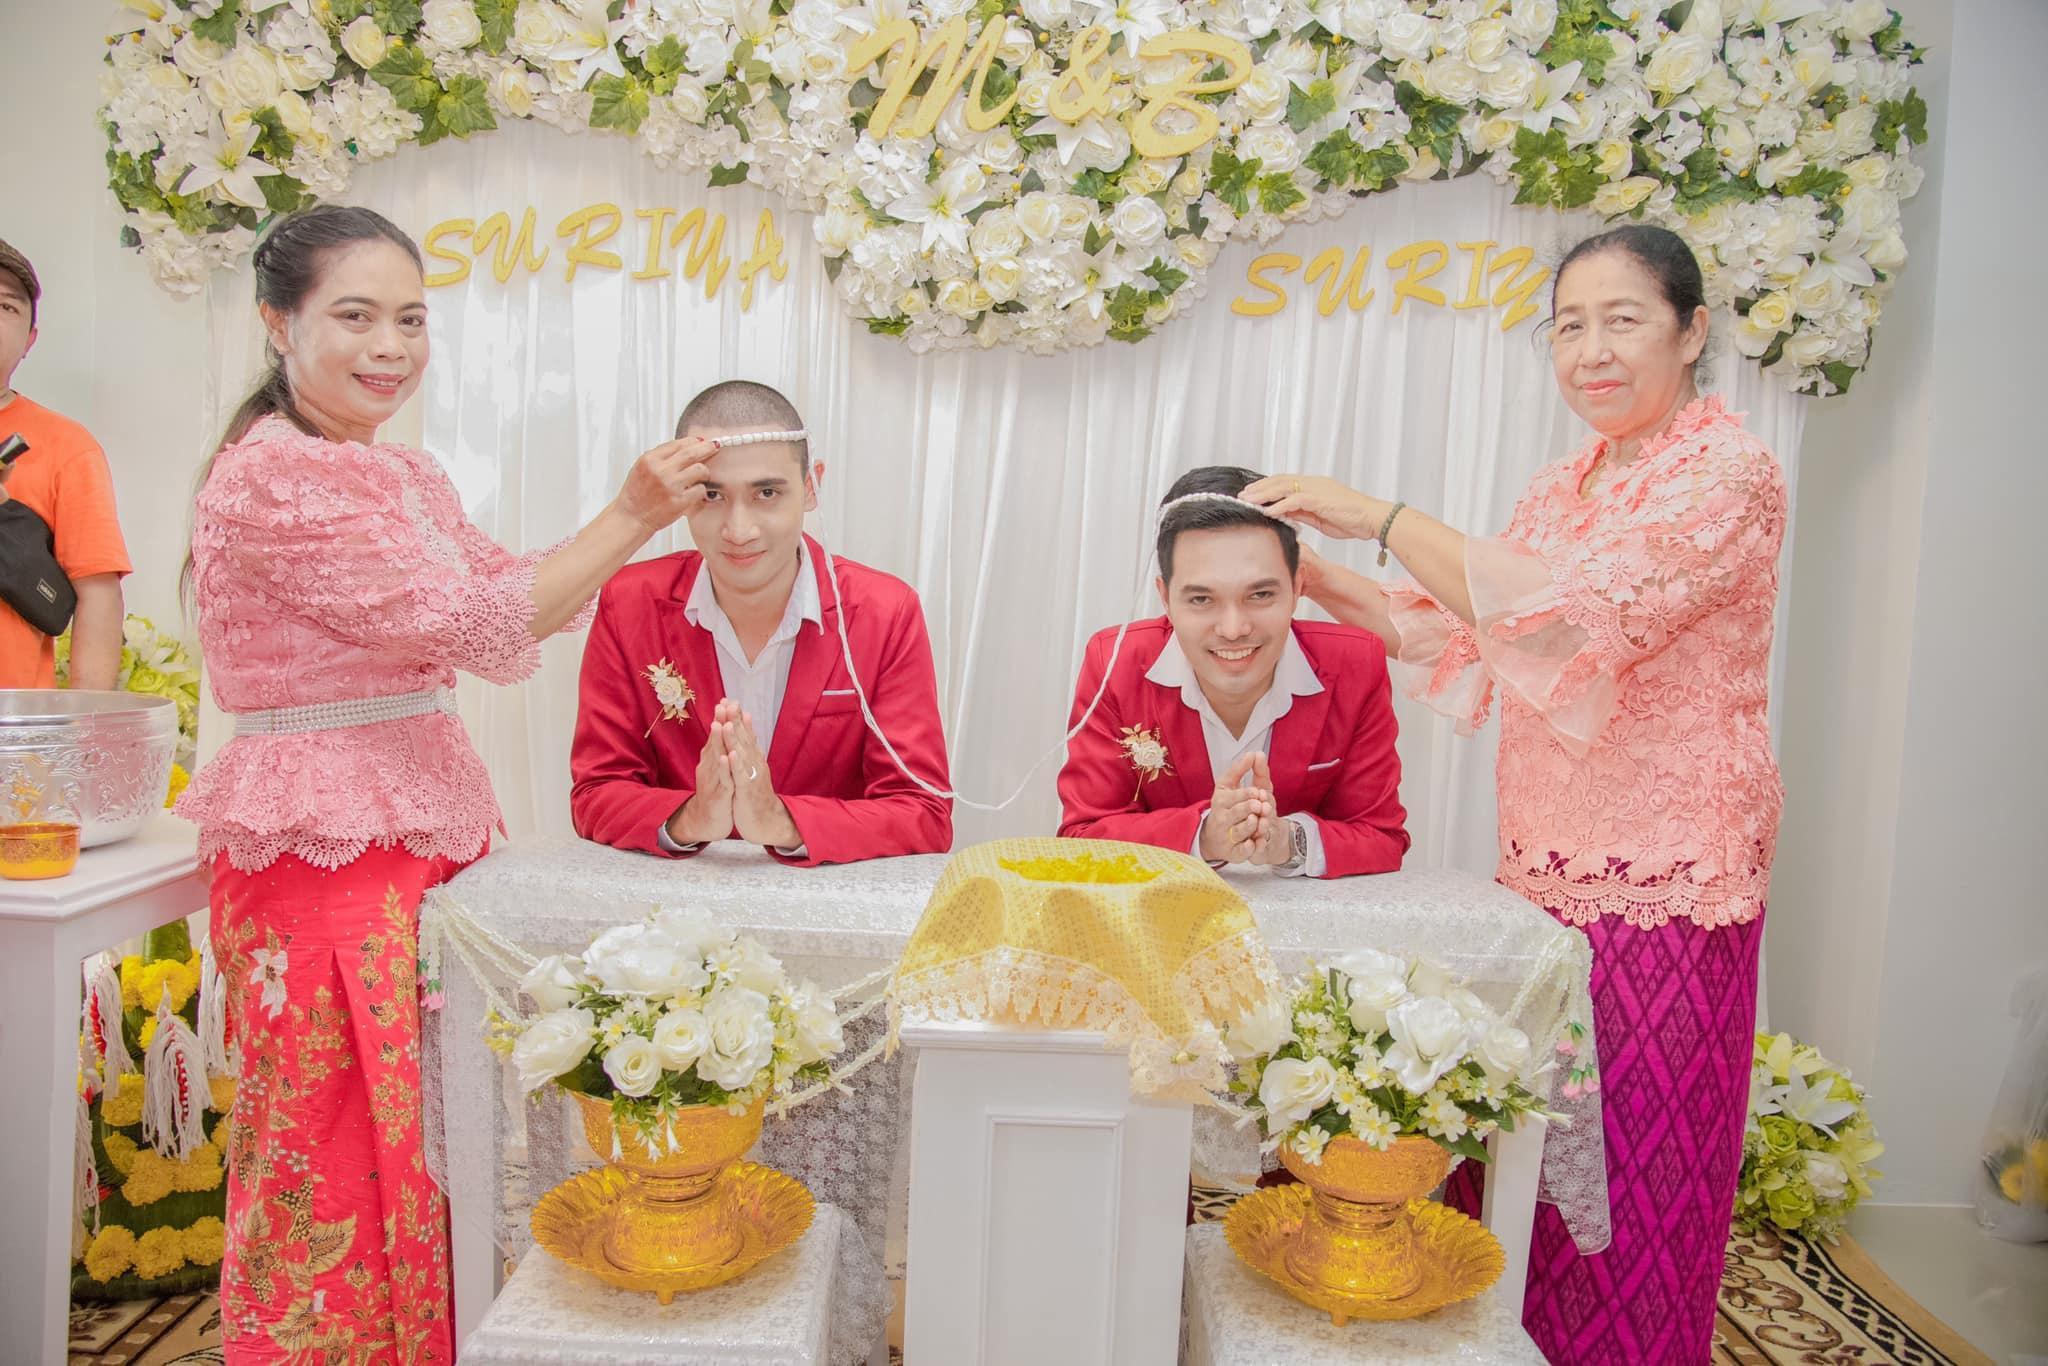 Cặp đồng tính Thái Lan bị dân mạng Indonesia dọa giết Ảnh 2